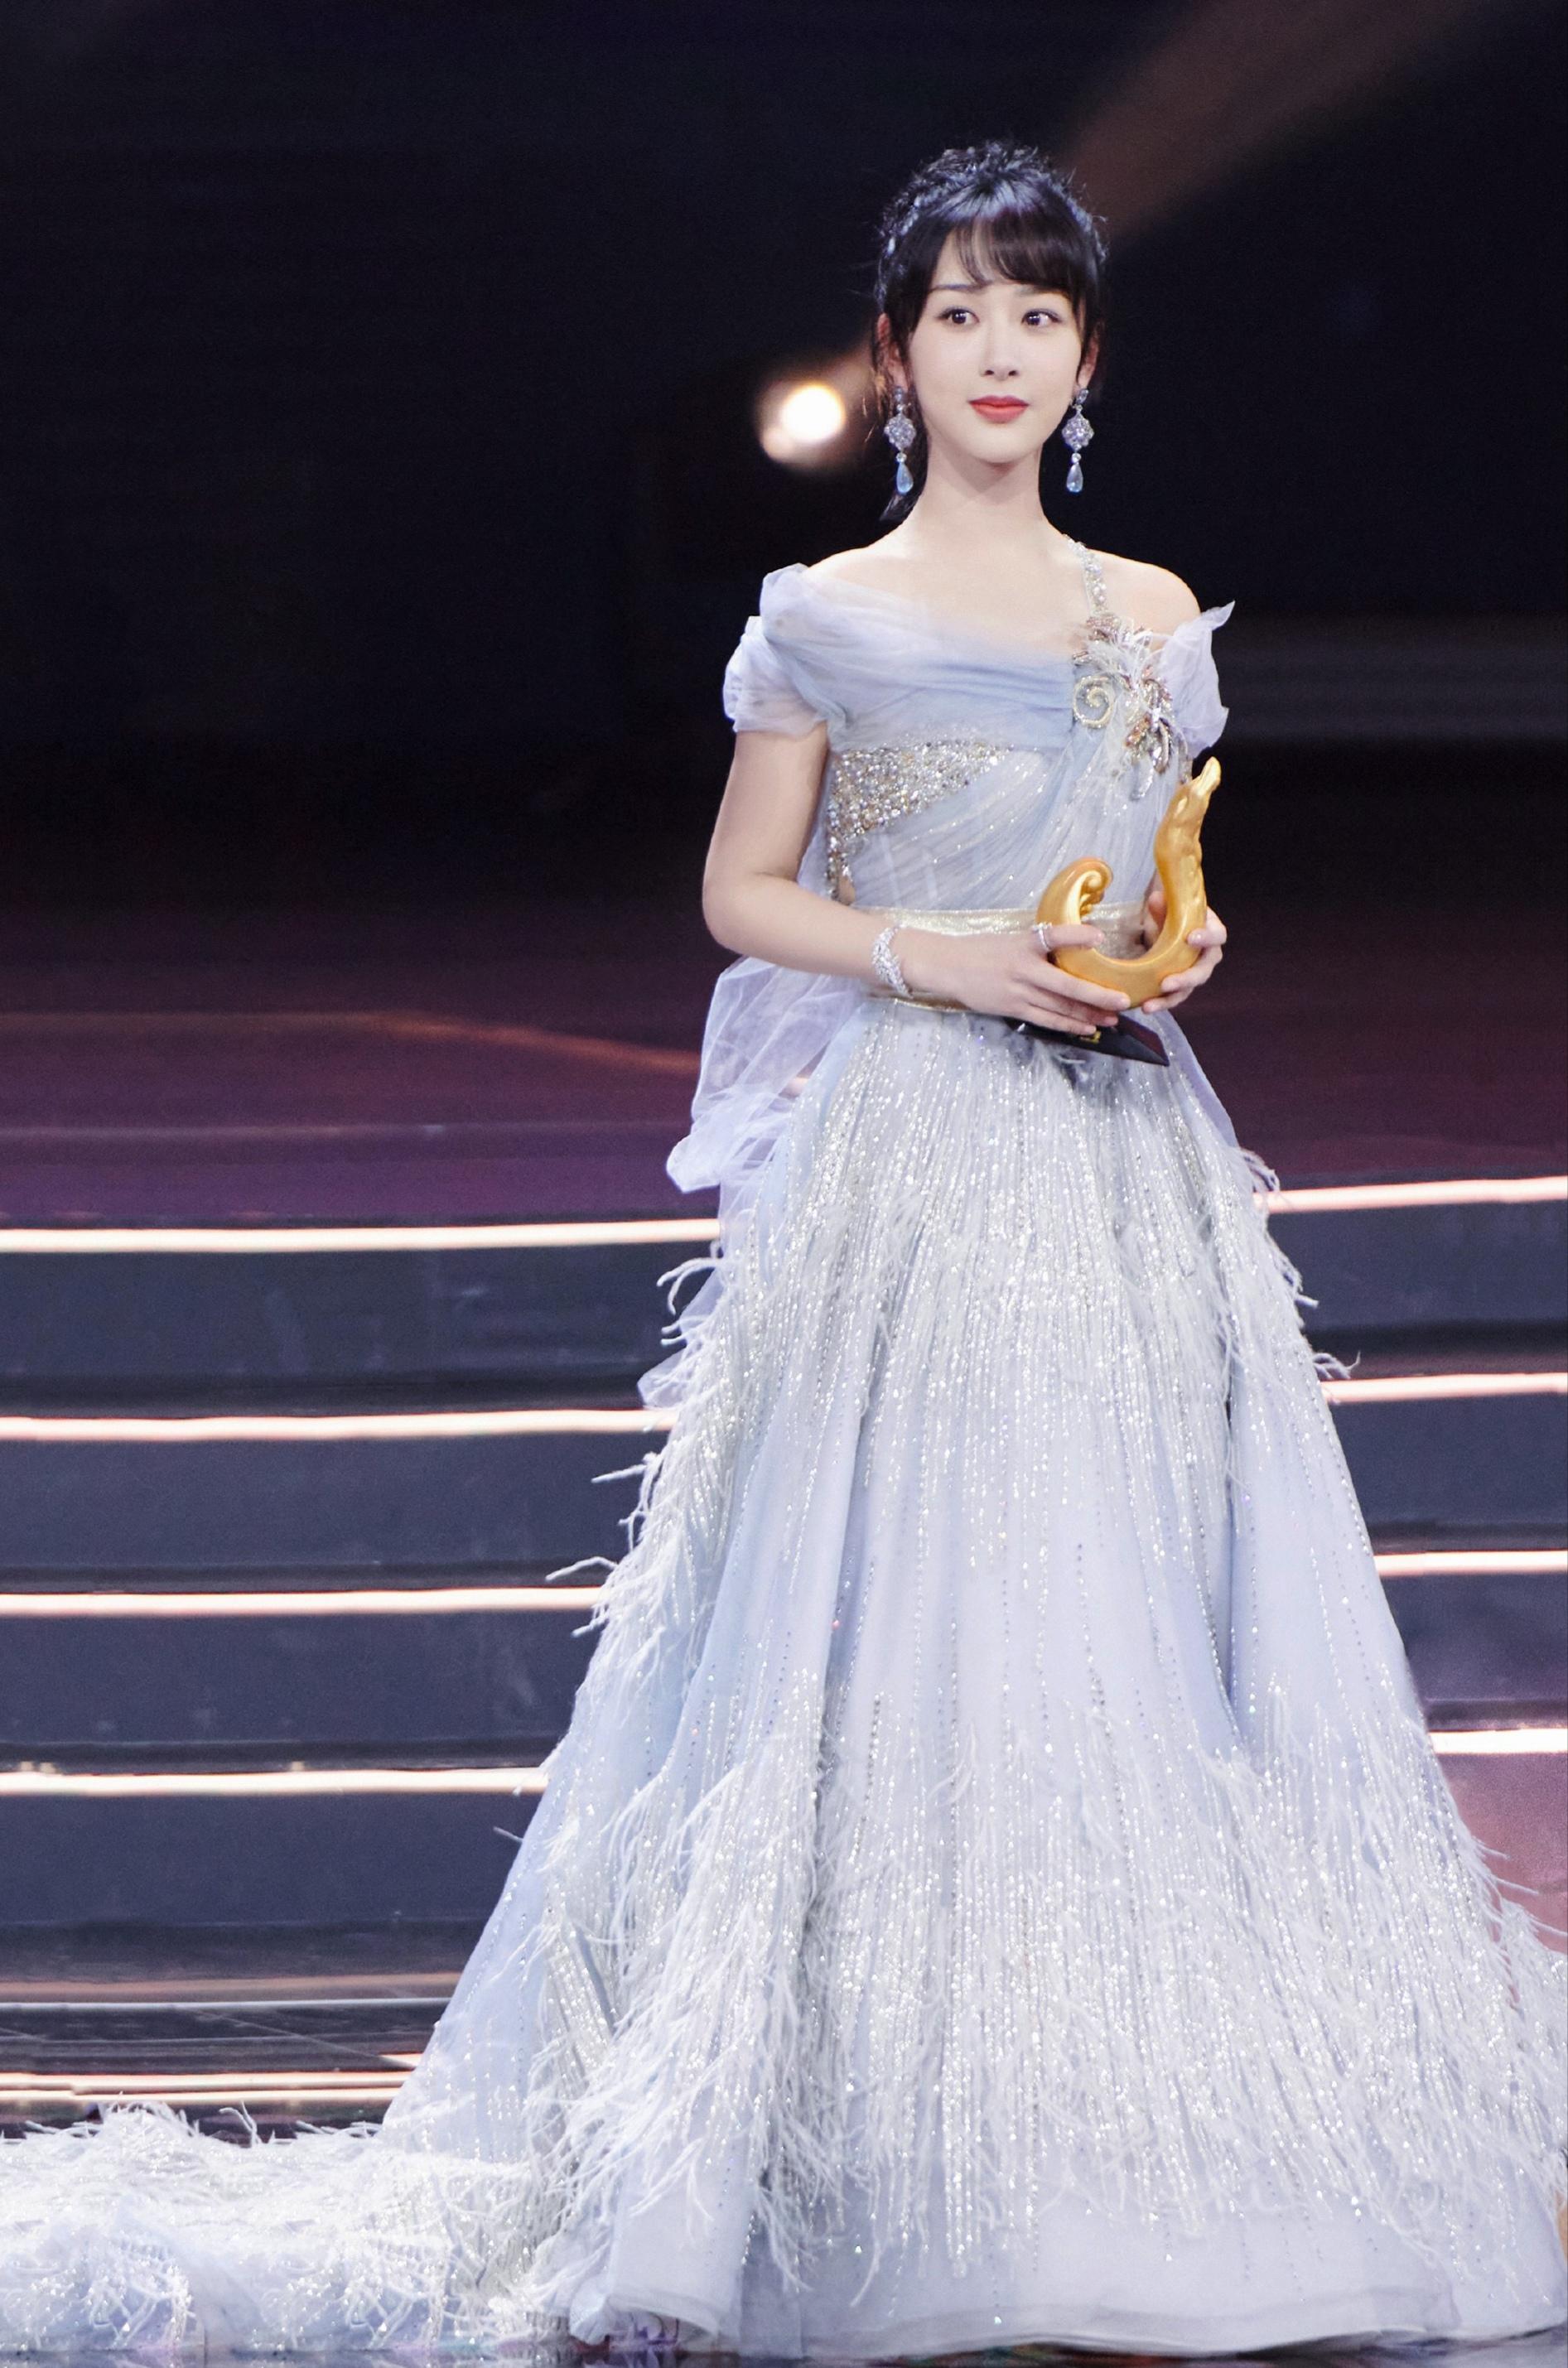 """杨紫化身""""冰雪女王""""出席活动,婚纱配西装,""""余生夫妇""""发糖了"""